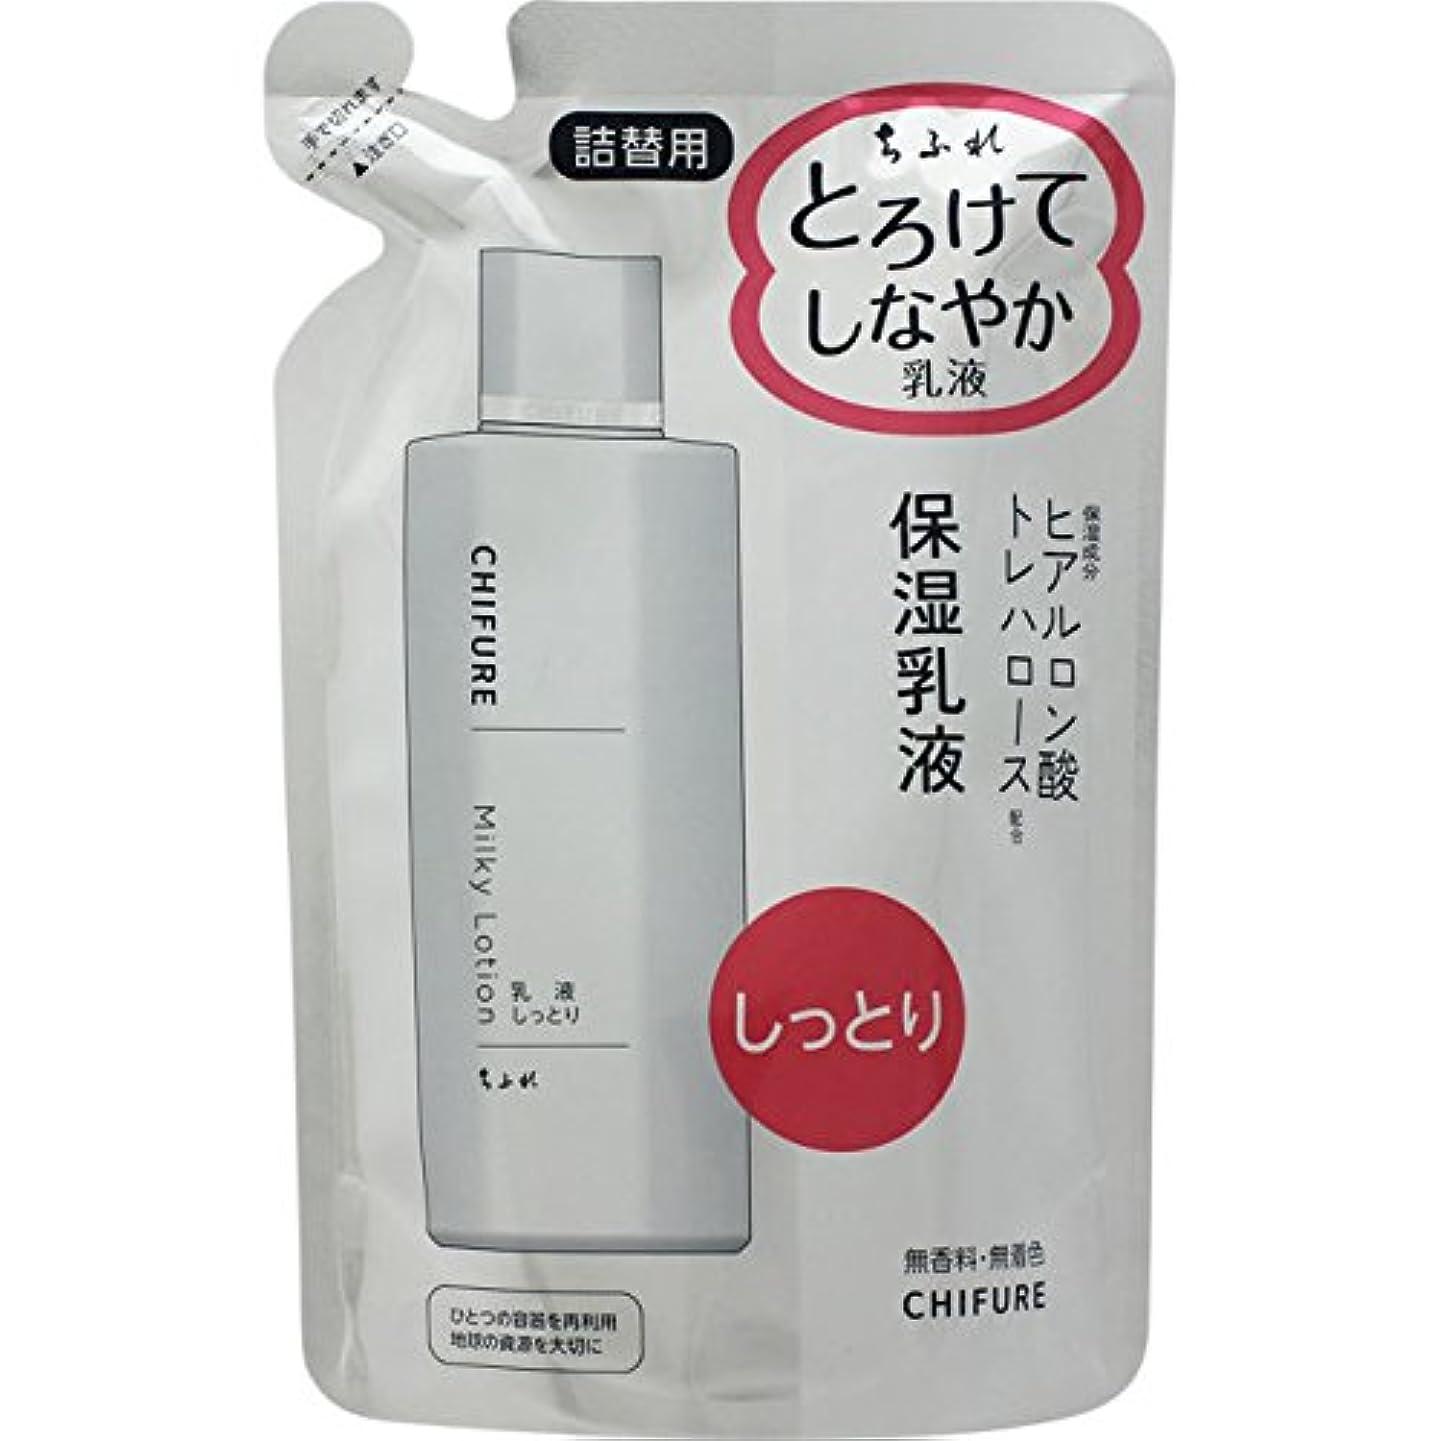 画像航空会社特派員ちふれ化粧品 乳液しっとりタイプN詰替用 150ml 150ML